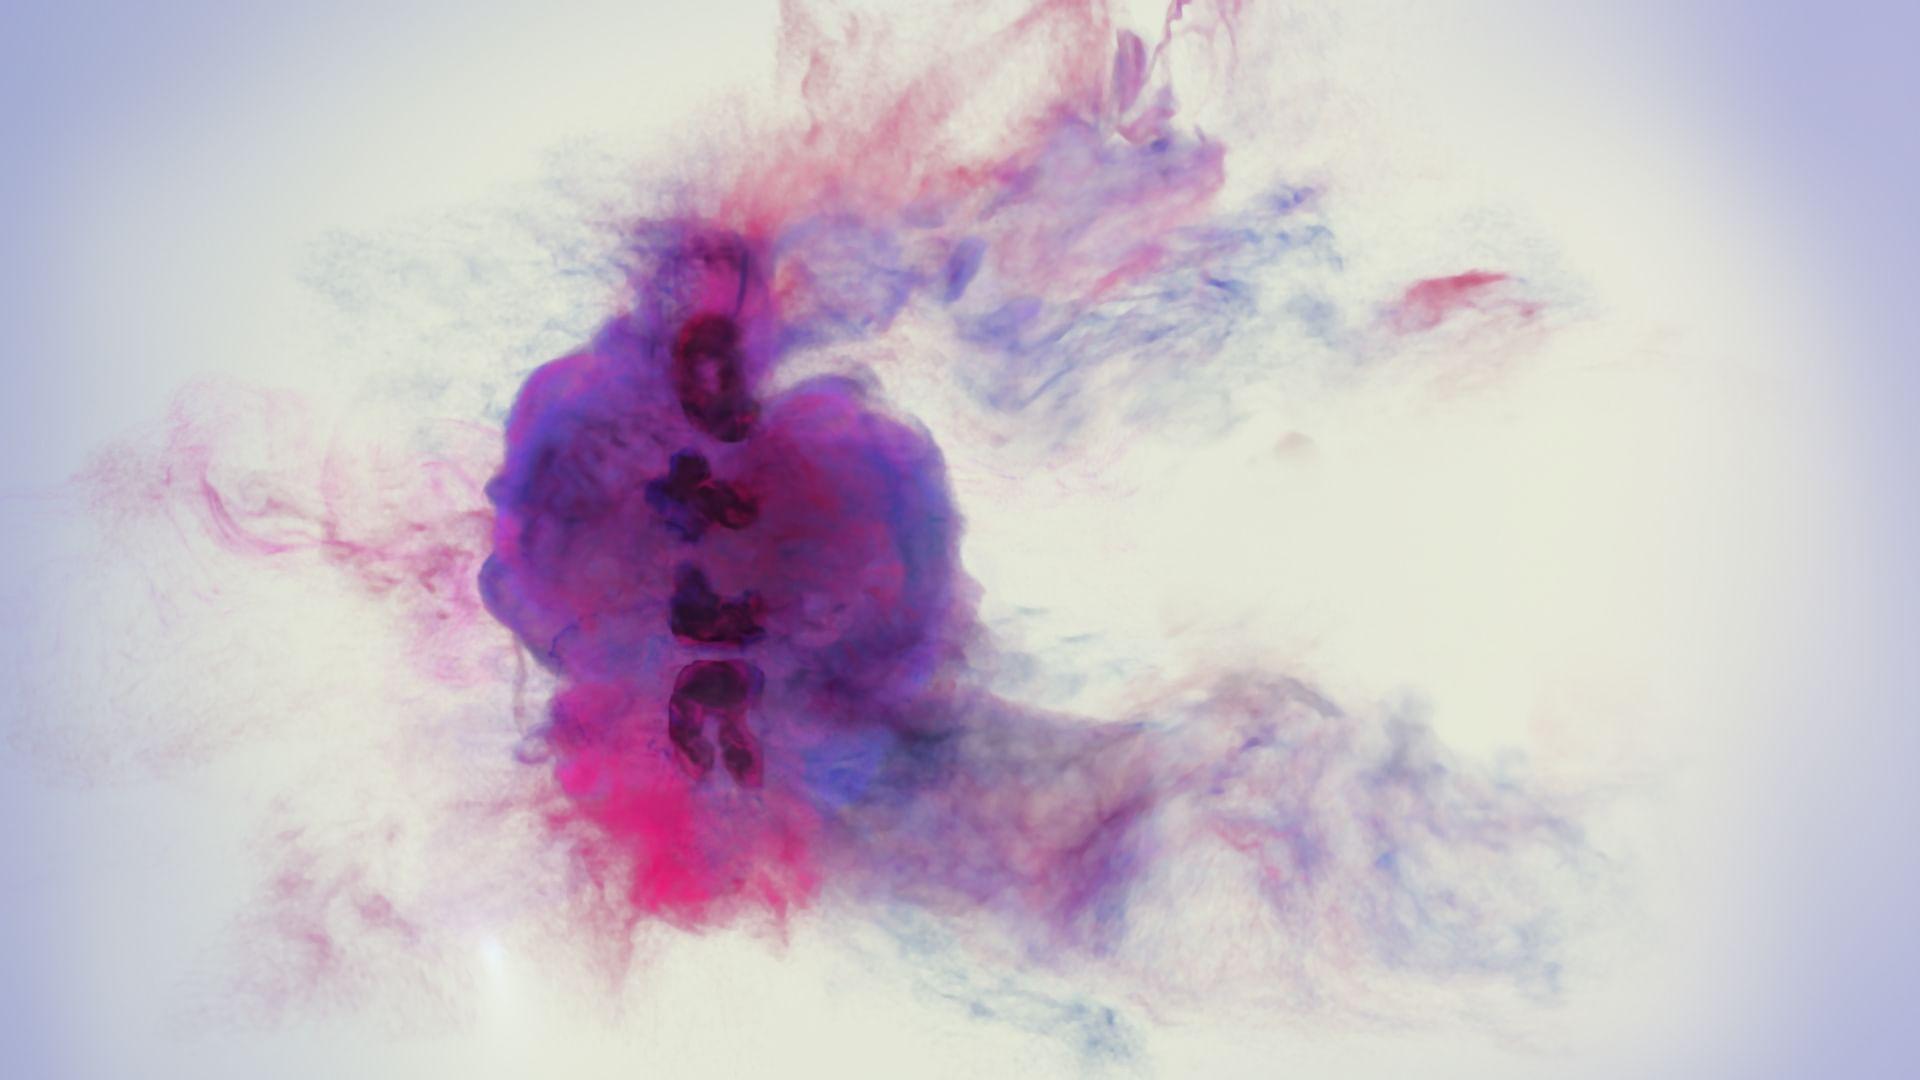 Noch mehr Cellomusik gibt es in unserer Playlist!